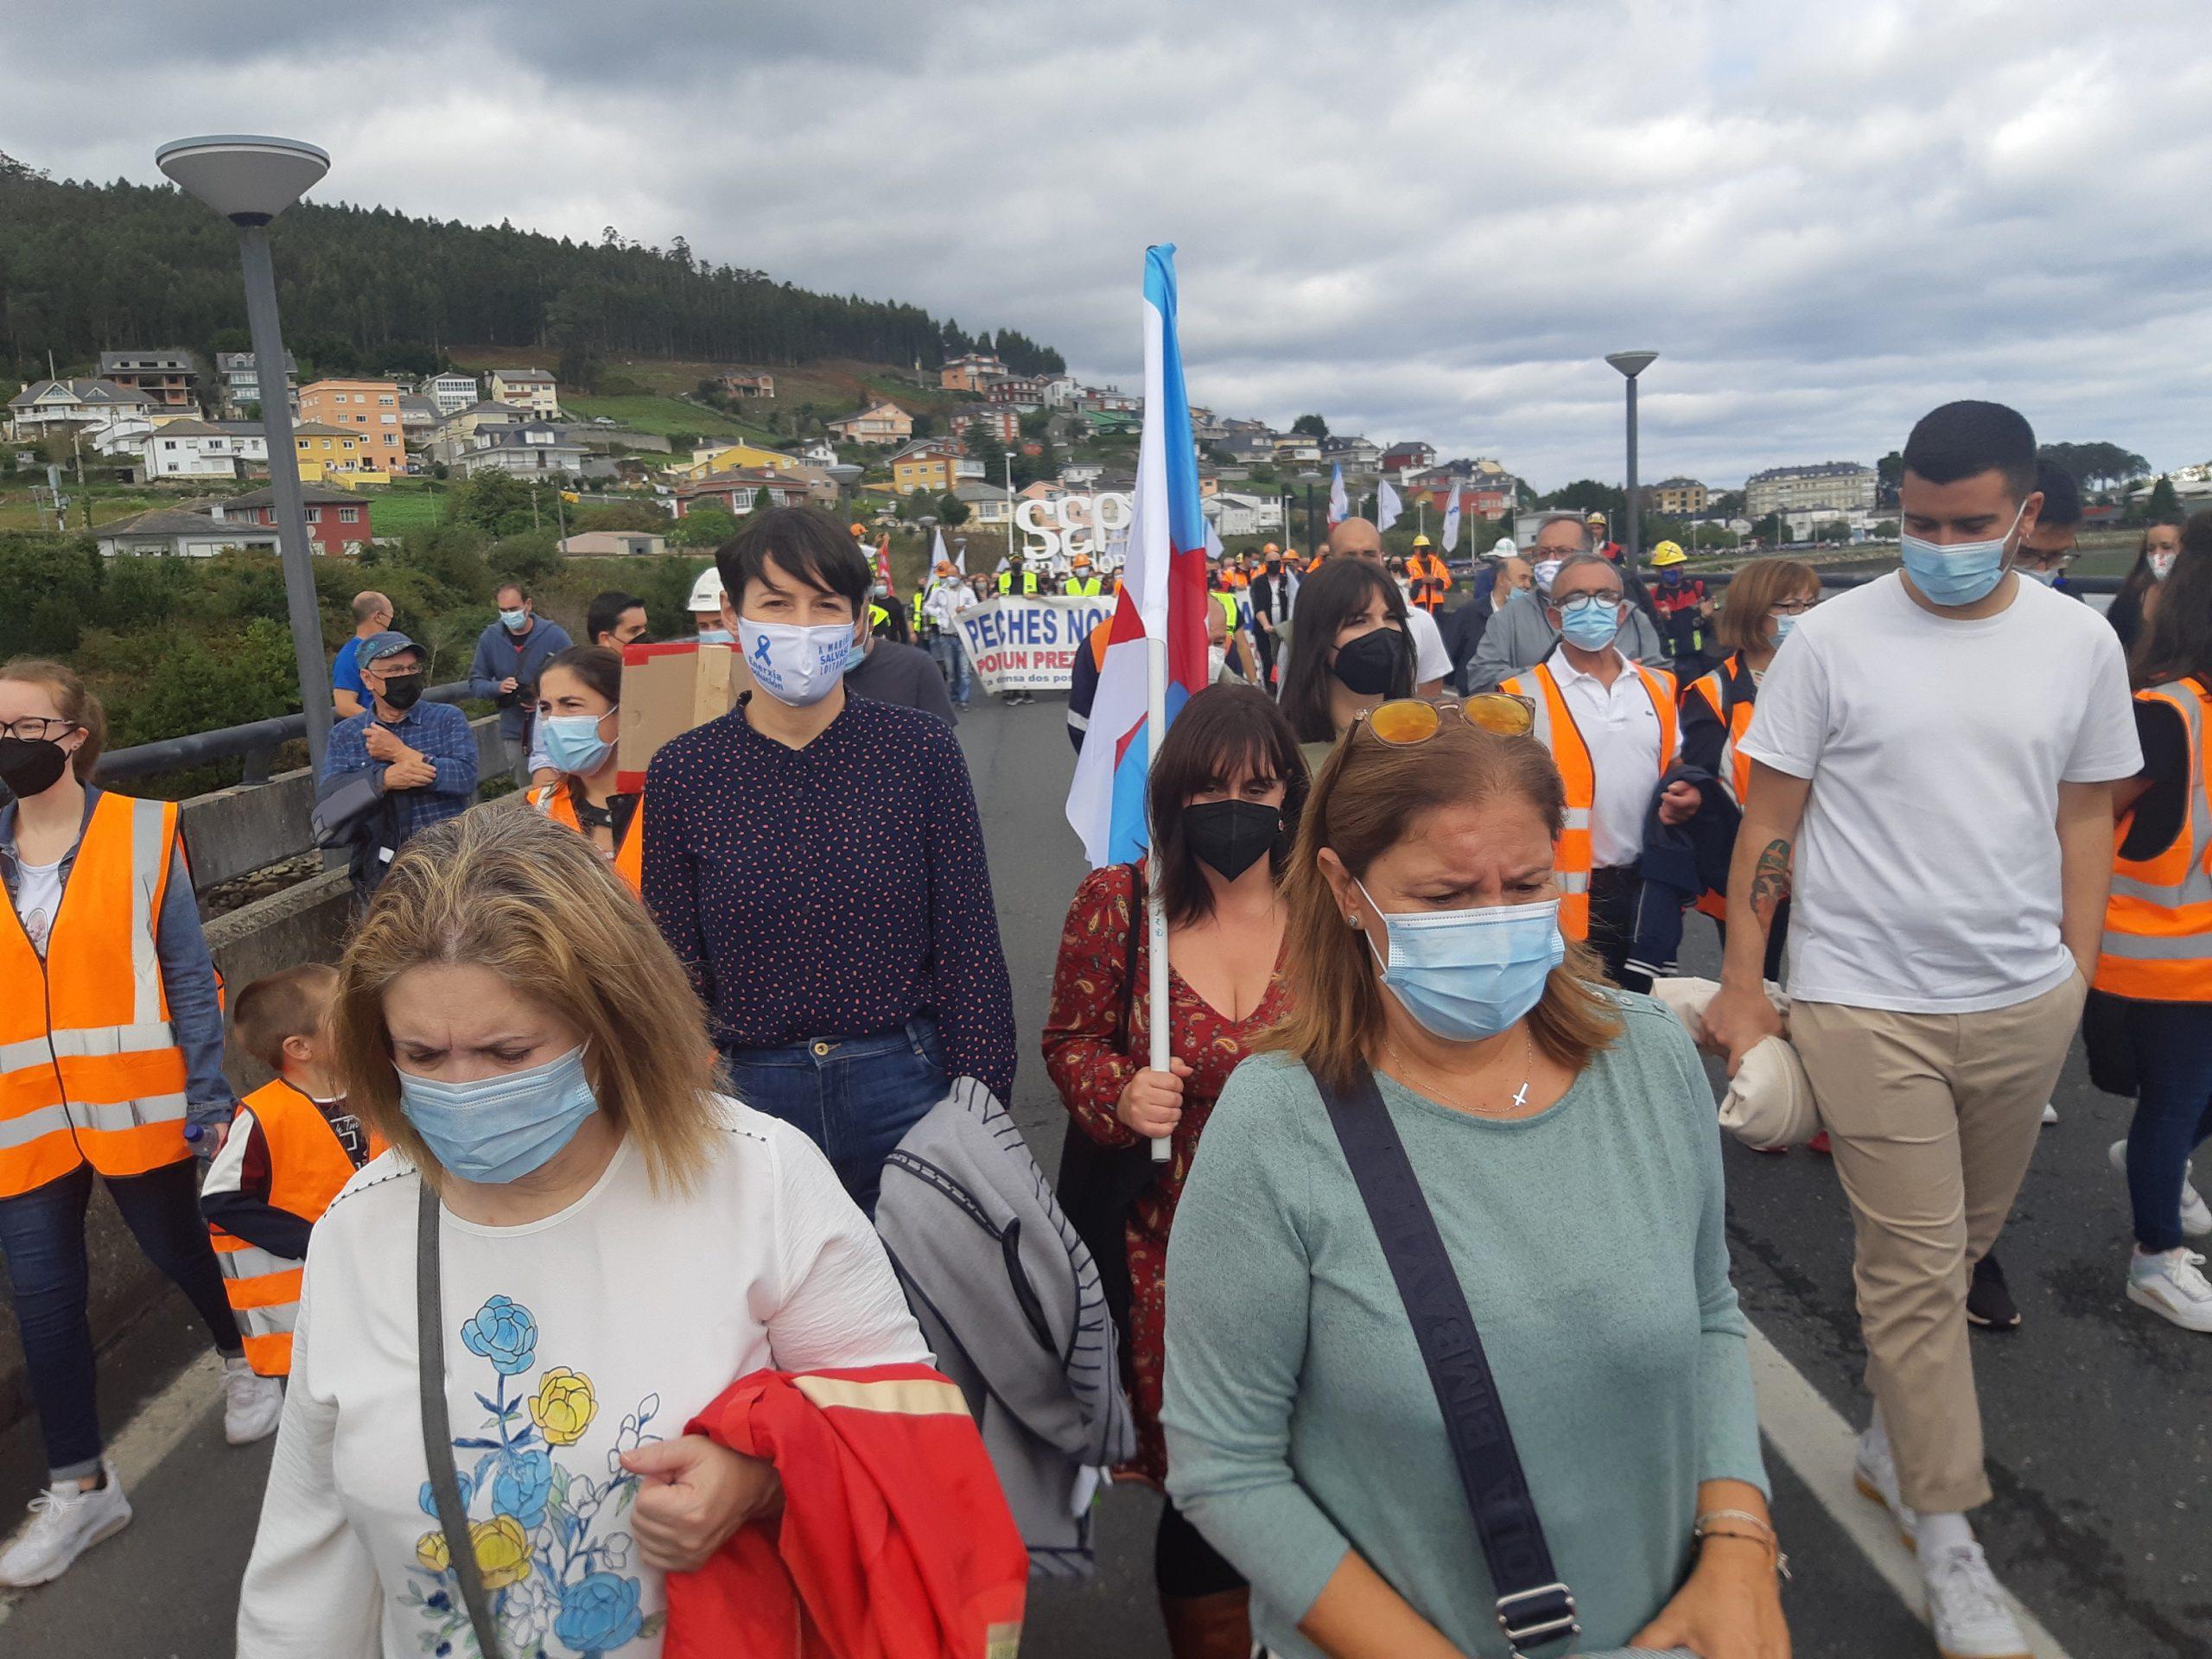 Pontón urxe a Xunta e Estado solucións para a crise da Mariña e propón un Plan Industrial que garante o futuro da comarca